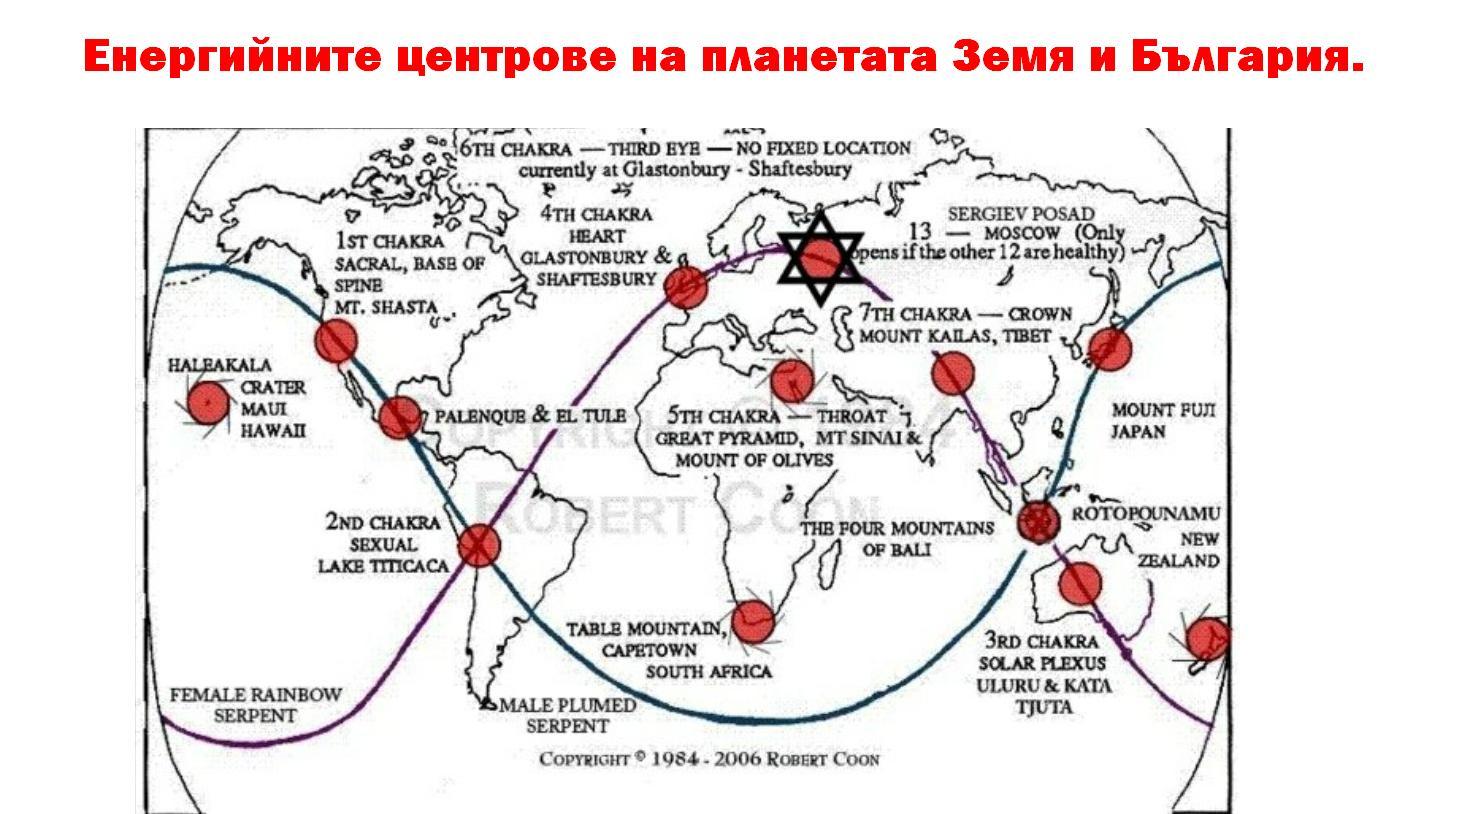 енергийните центрове на планетата Земя и България